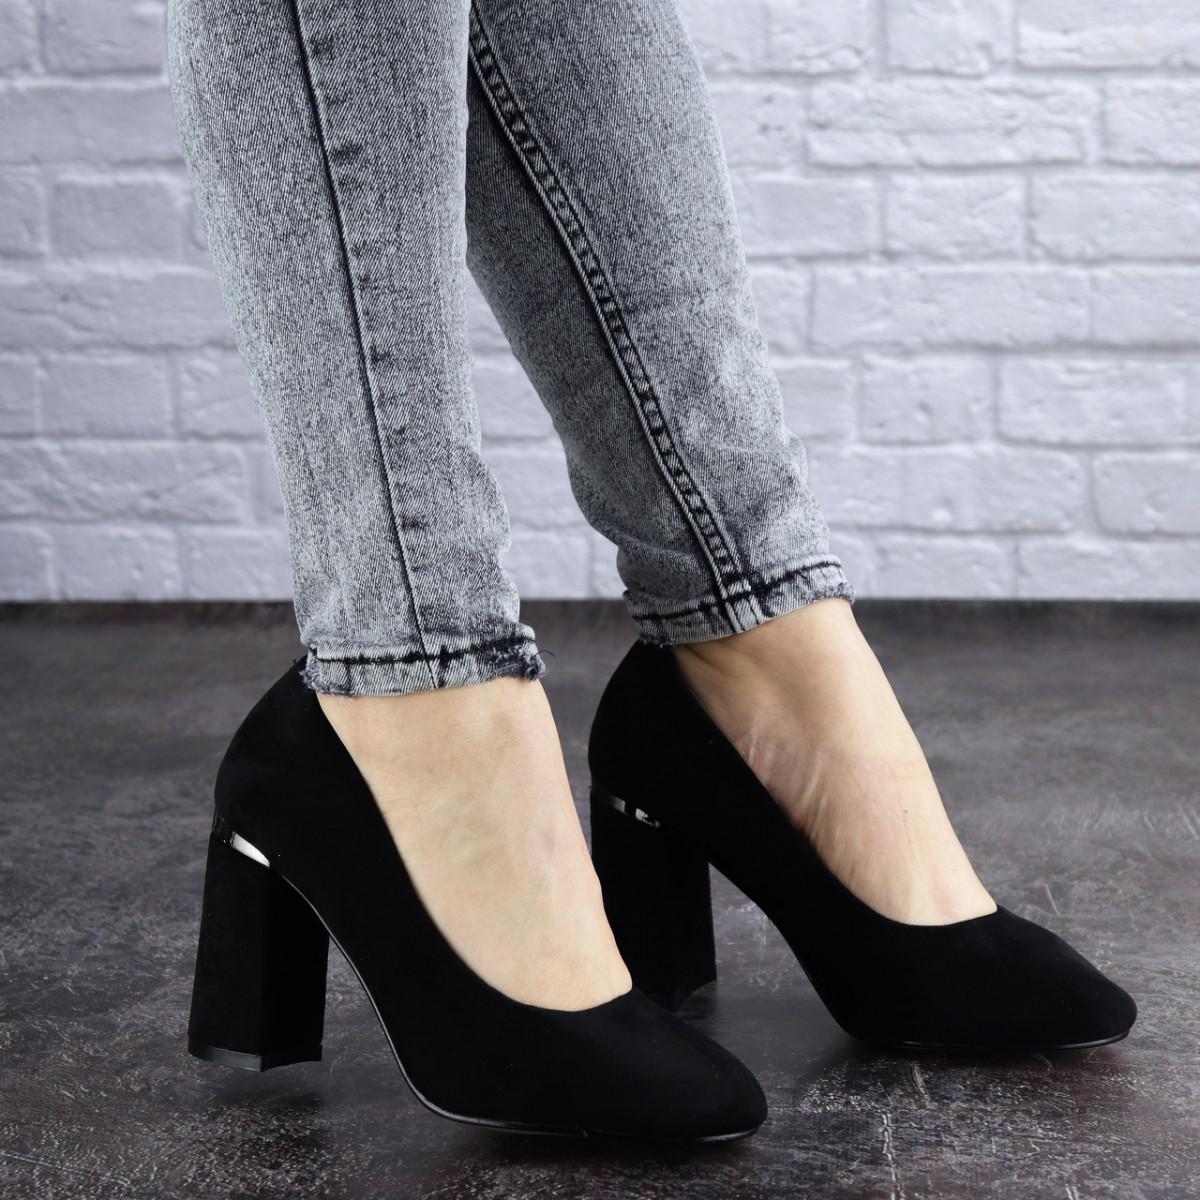 Женские туфли на каблуке черные Potter 2004 (36 размер)